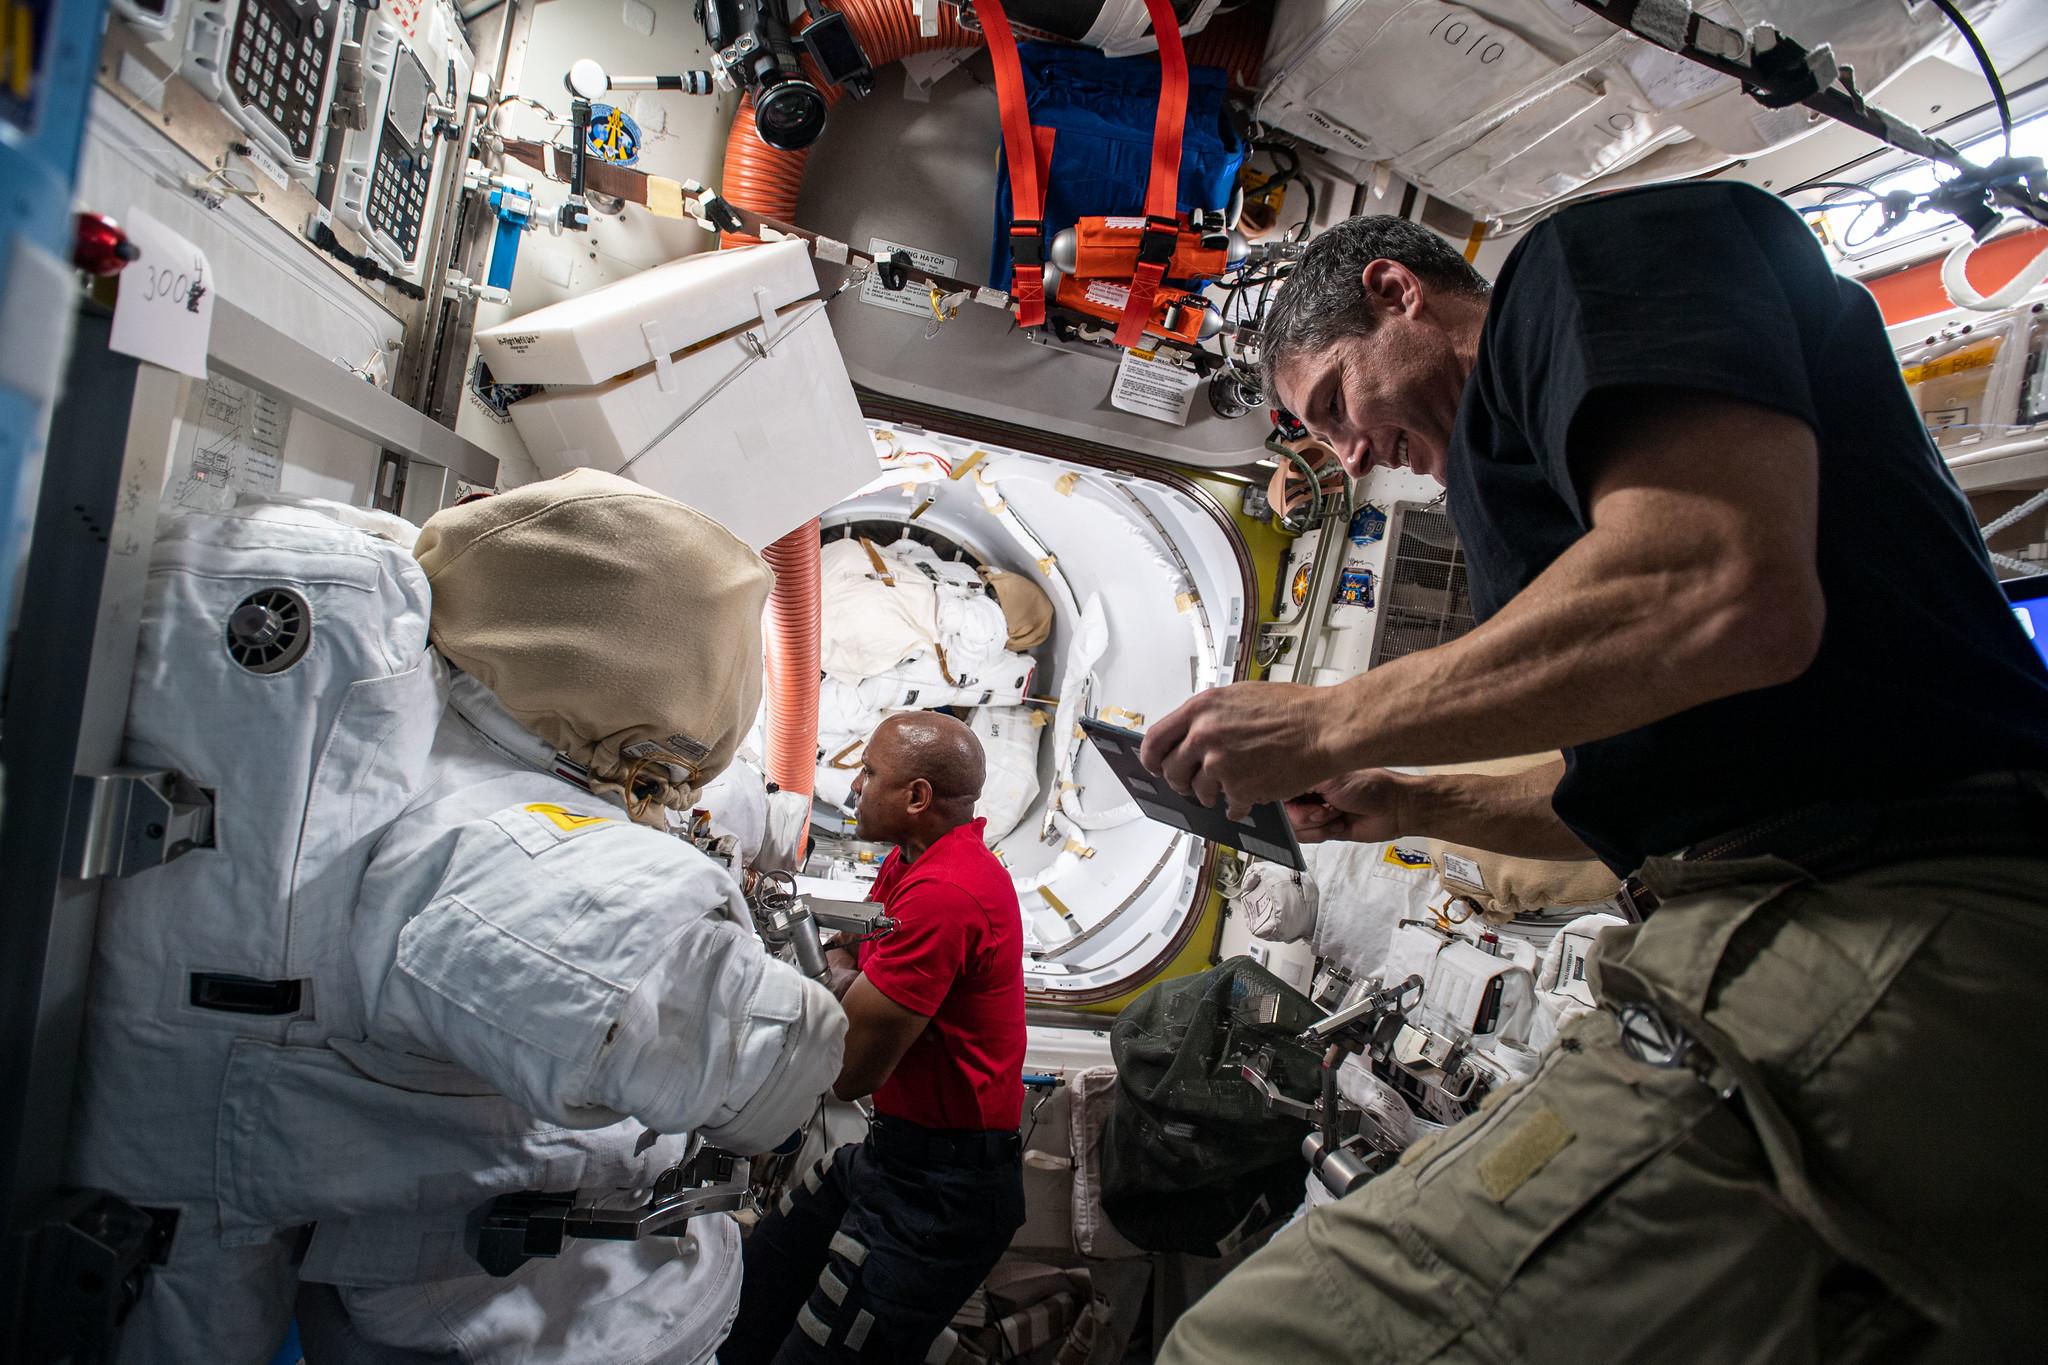 Les astronautes de la NASA Mike Hopkins (au premier plan) et Victor Glover configurent des outils à l'intérieur du sas Quest de la Station spatiale internationale le 8 janvier 2021, pour se préparer à deux sorties dans l'espace prévues.